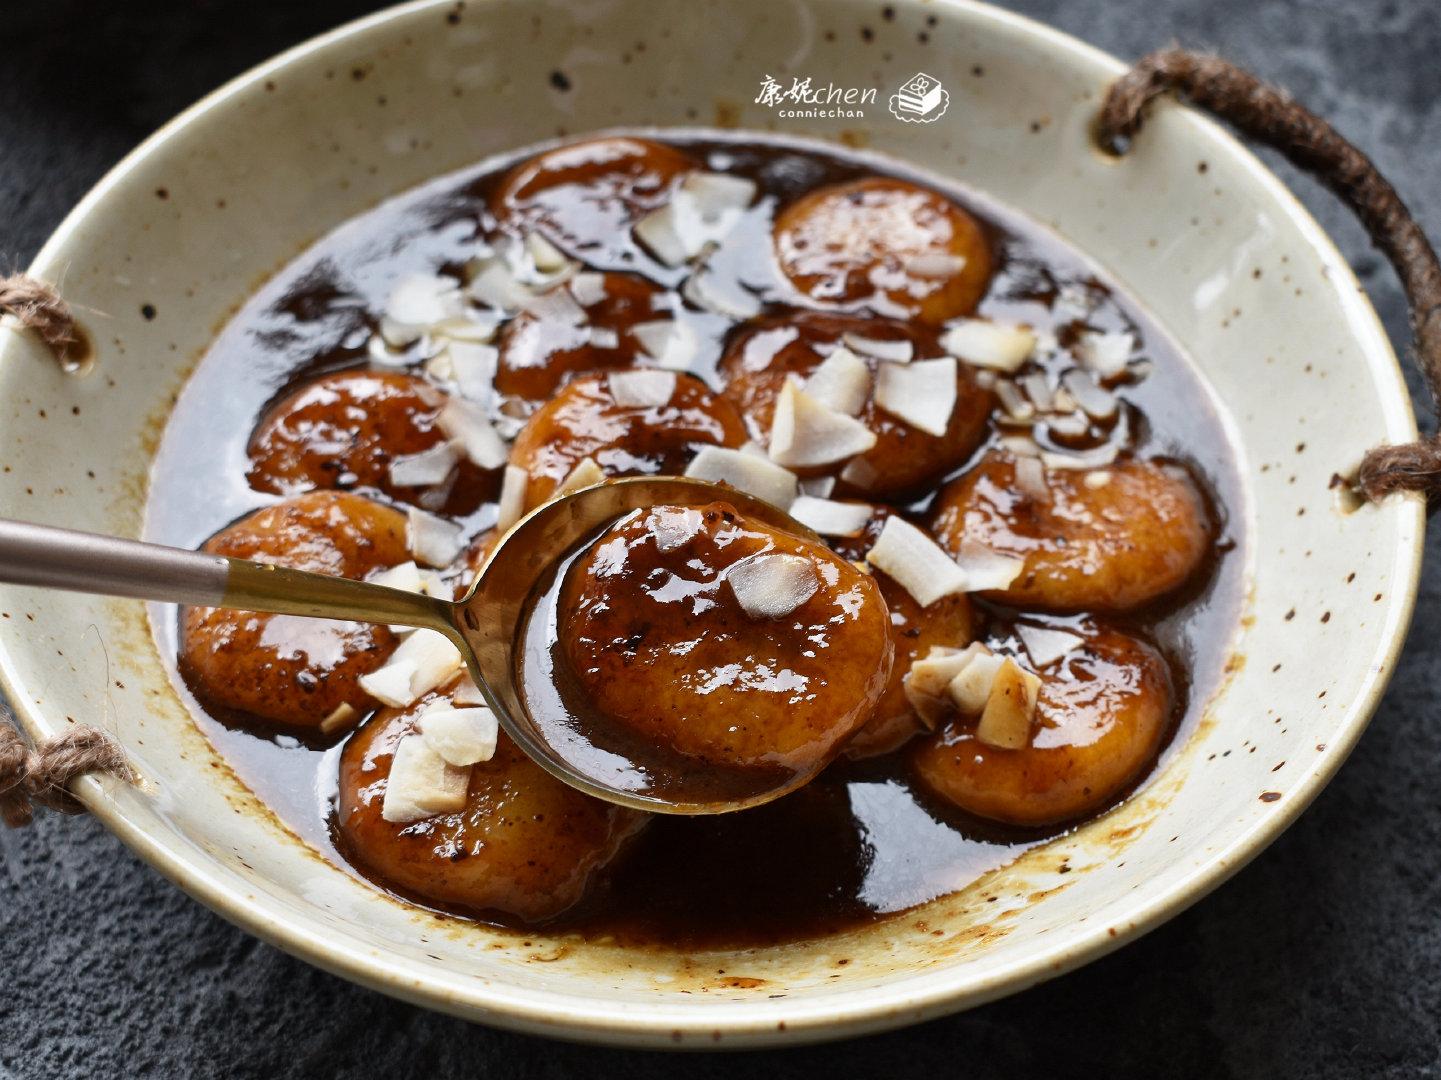 汤圆版糖油粑粑:比水煮好吃很多,软糯甜蜜